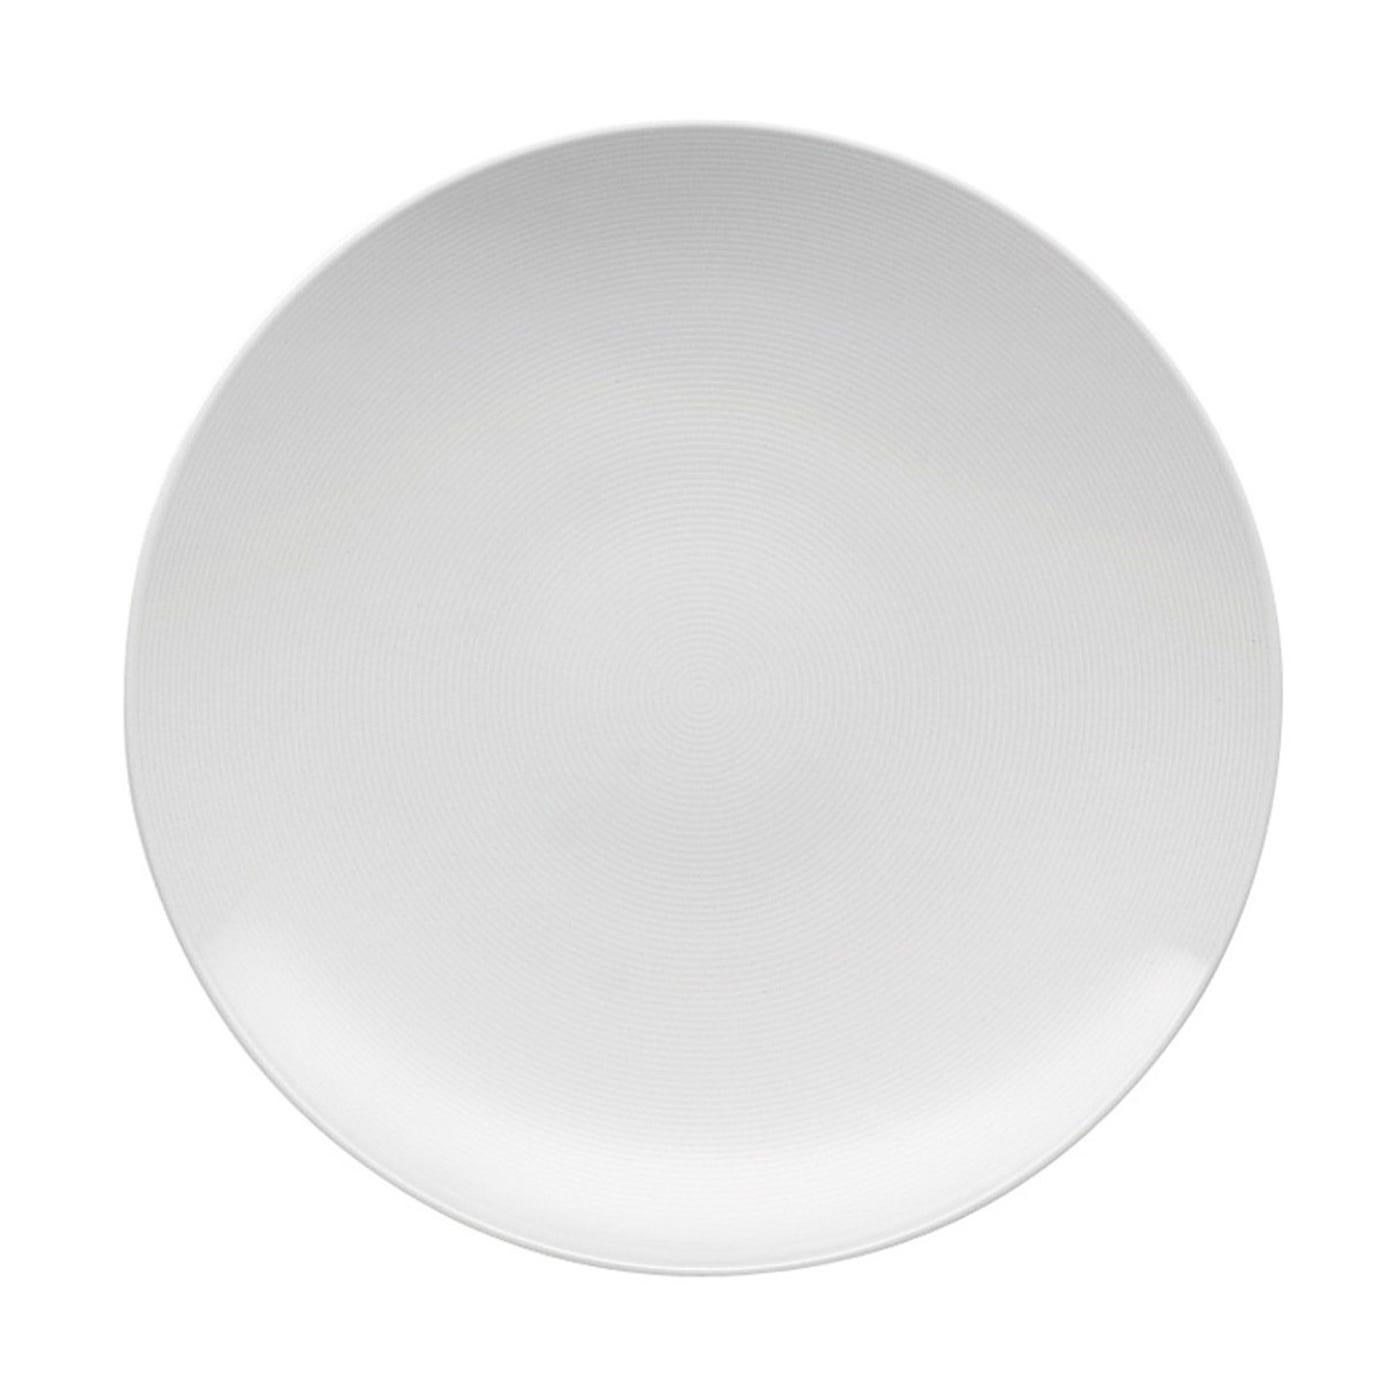 Loft White Gourmet Platter